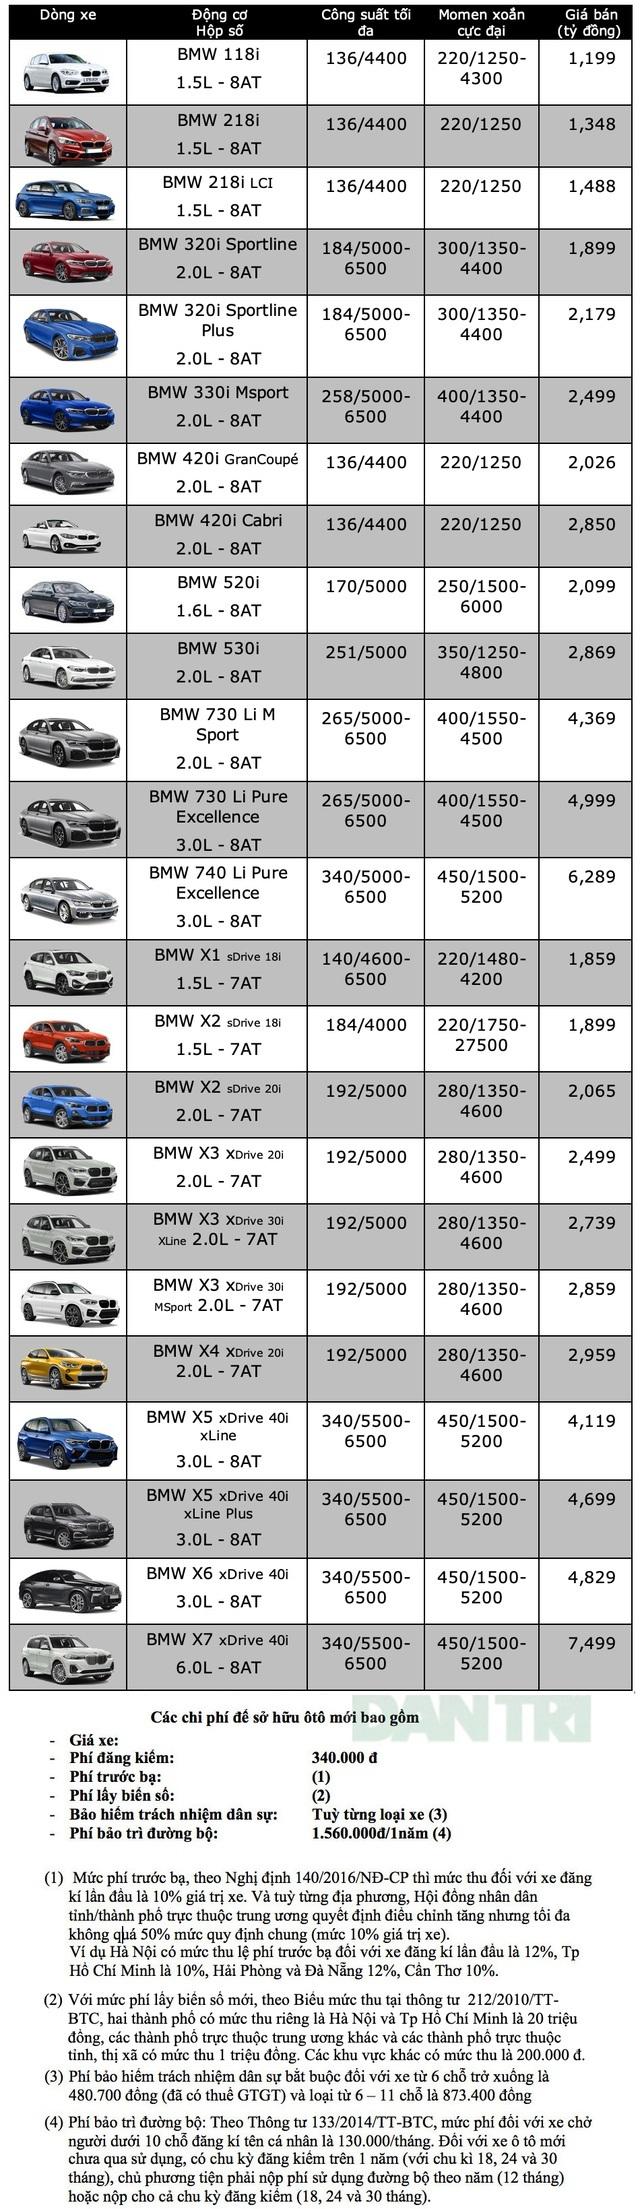 Bảng giá BMW tháng 6/2020 - 1